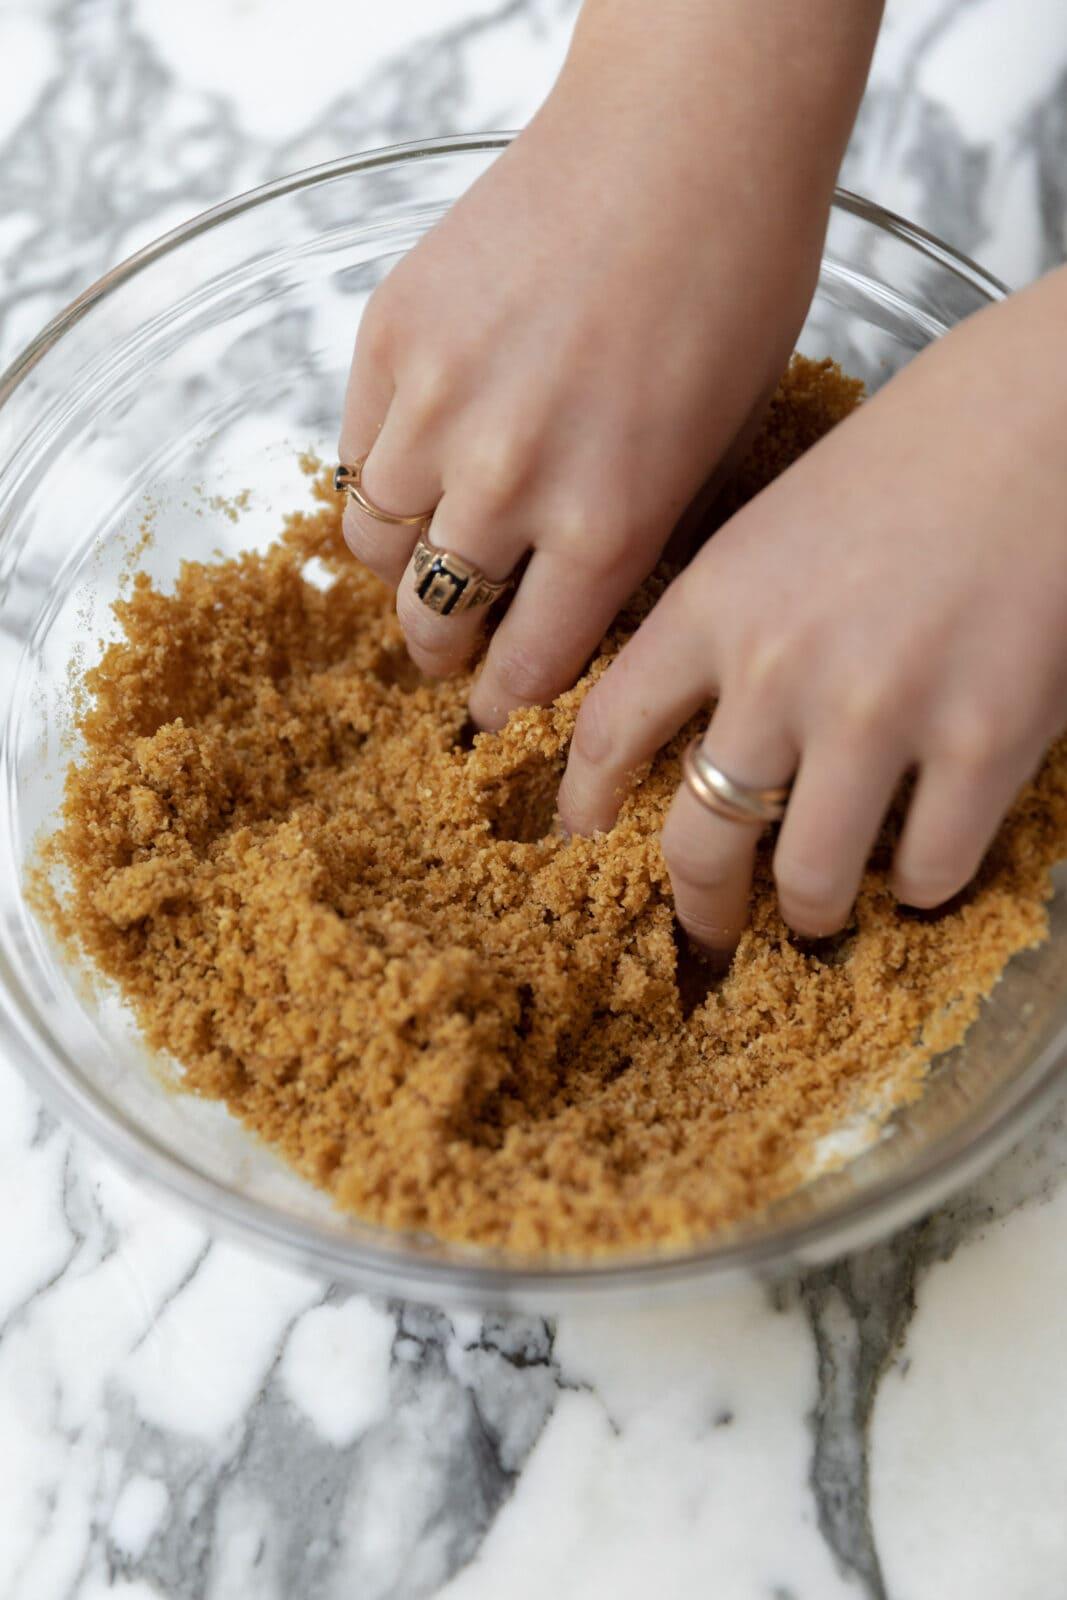 dörzsölje össze a sajttorta tésztát, amíg nedves homoknak nem tűnik